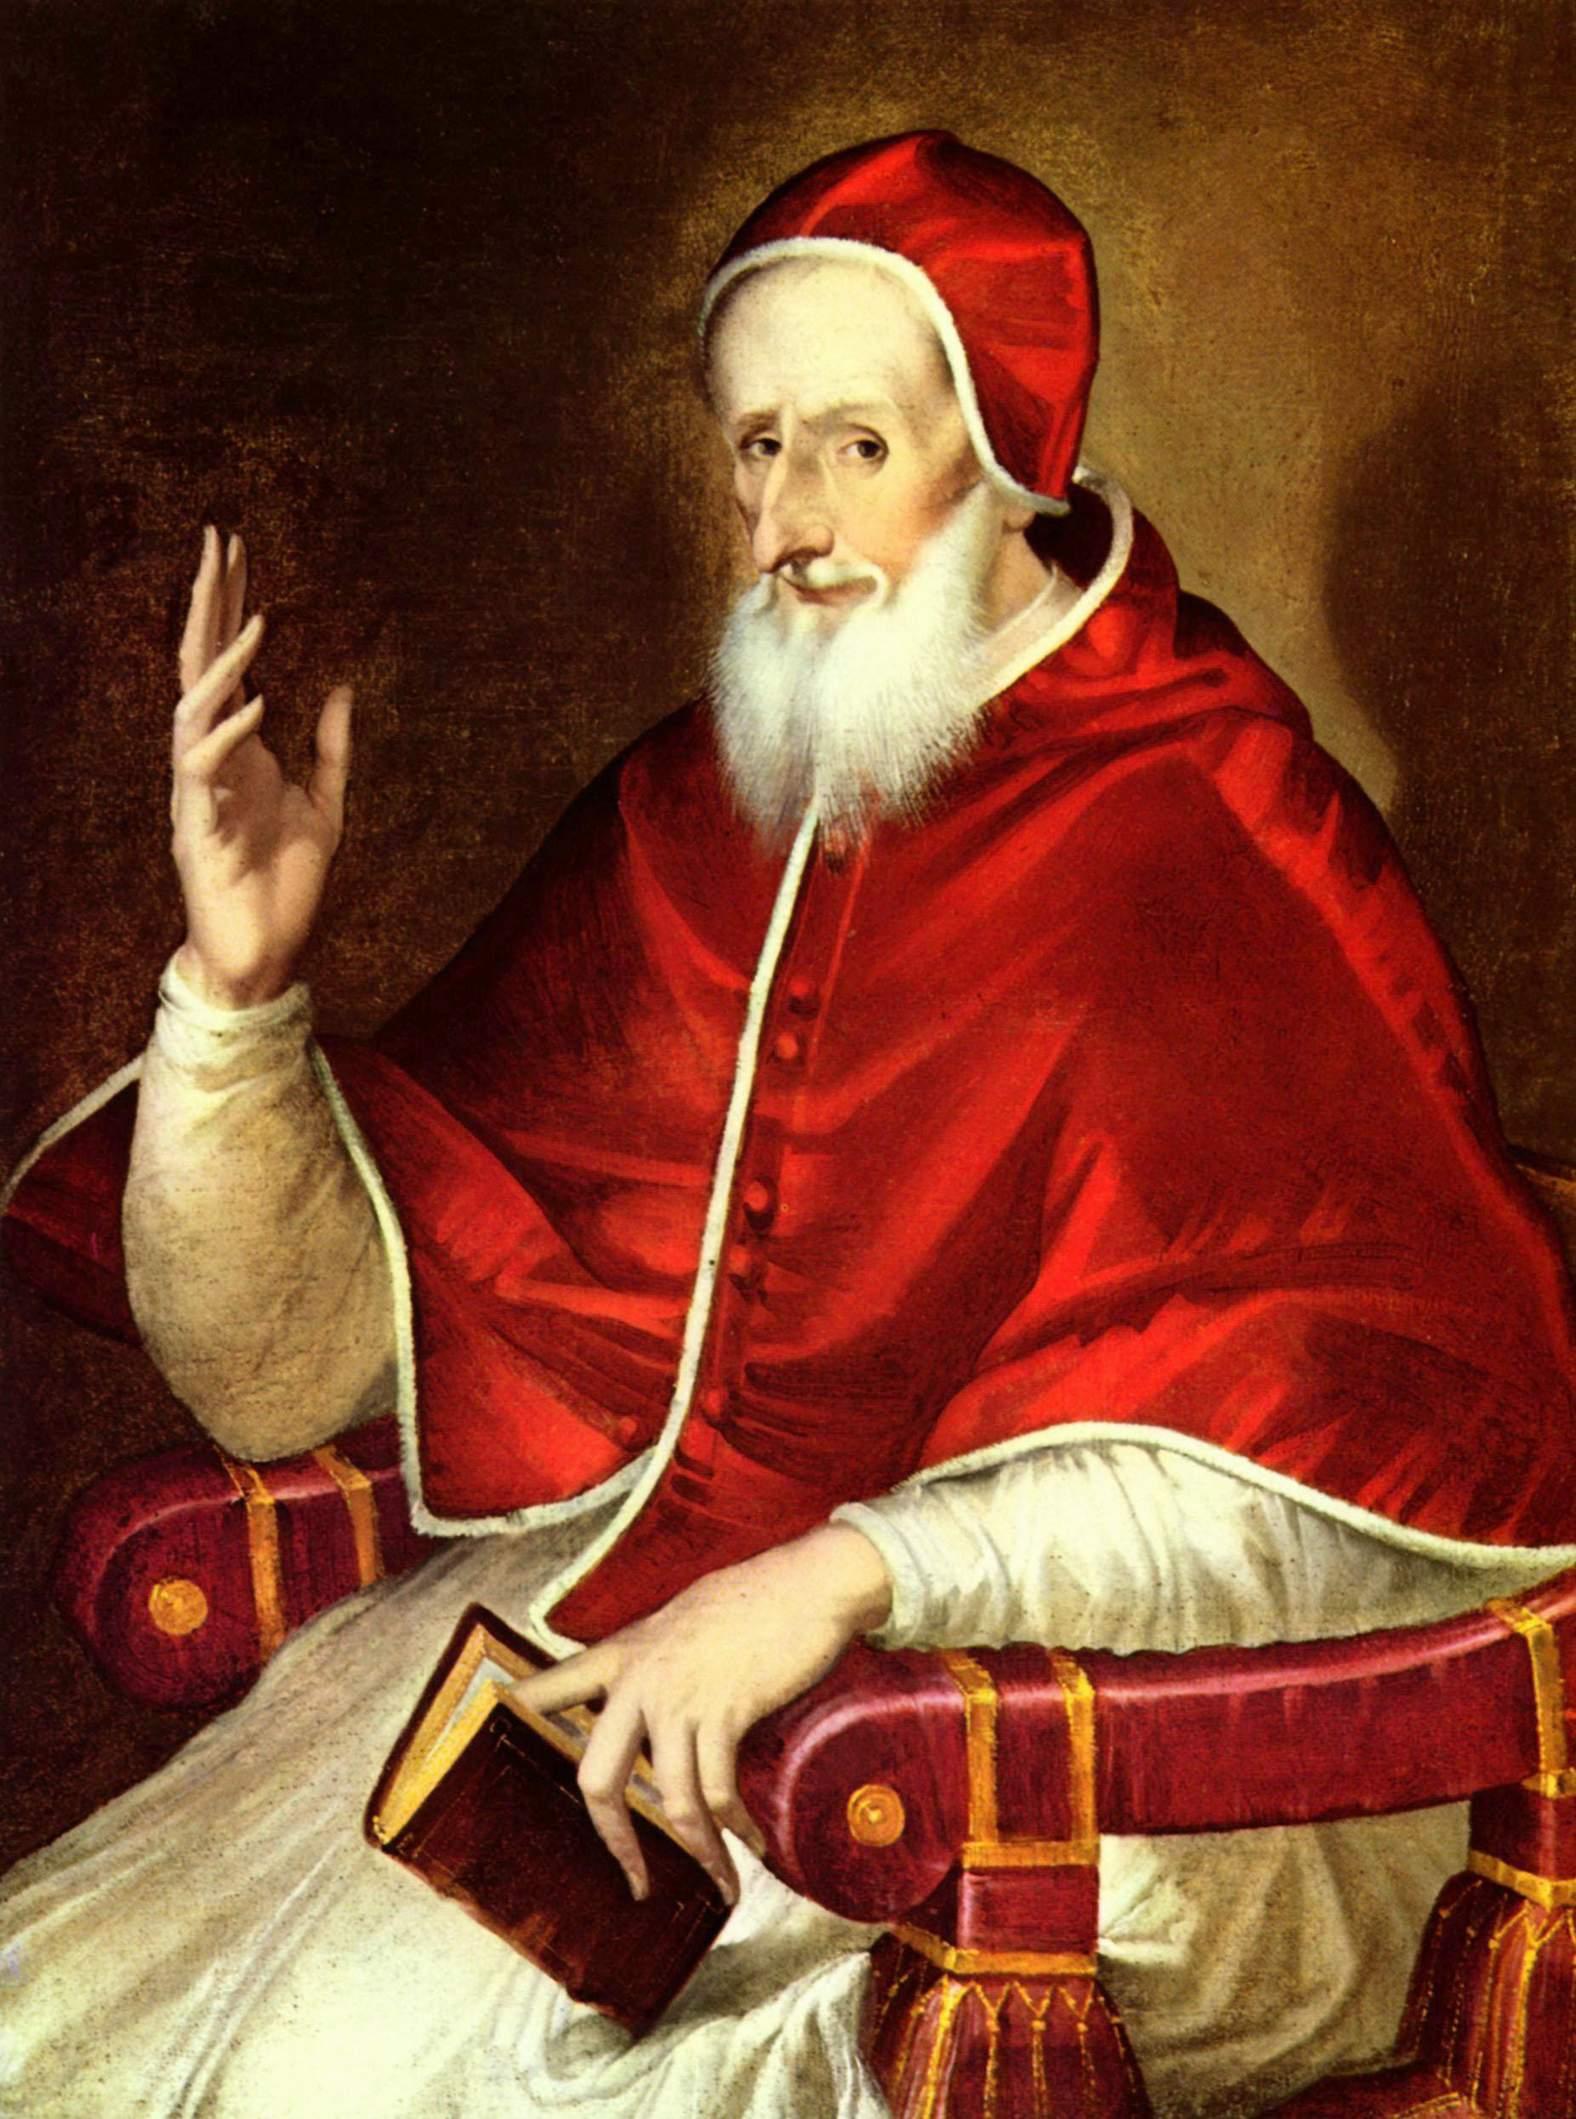 Image result for old pope portrait medieval